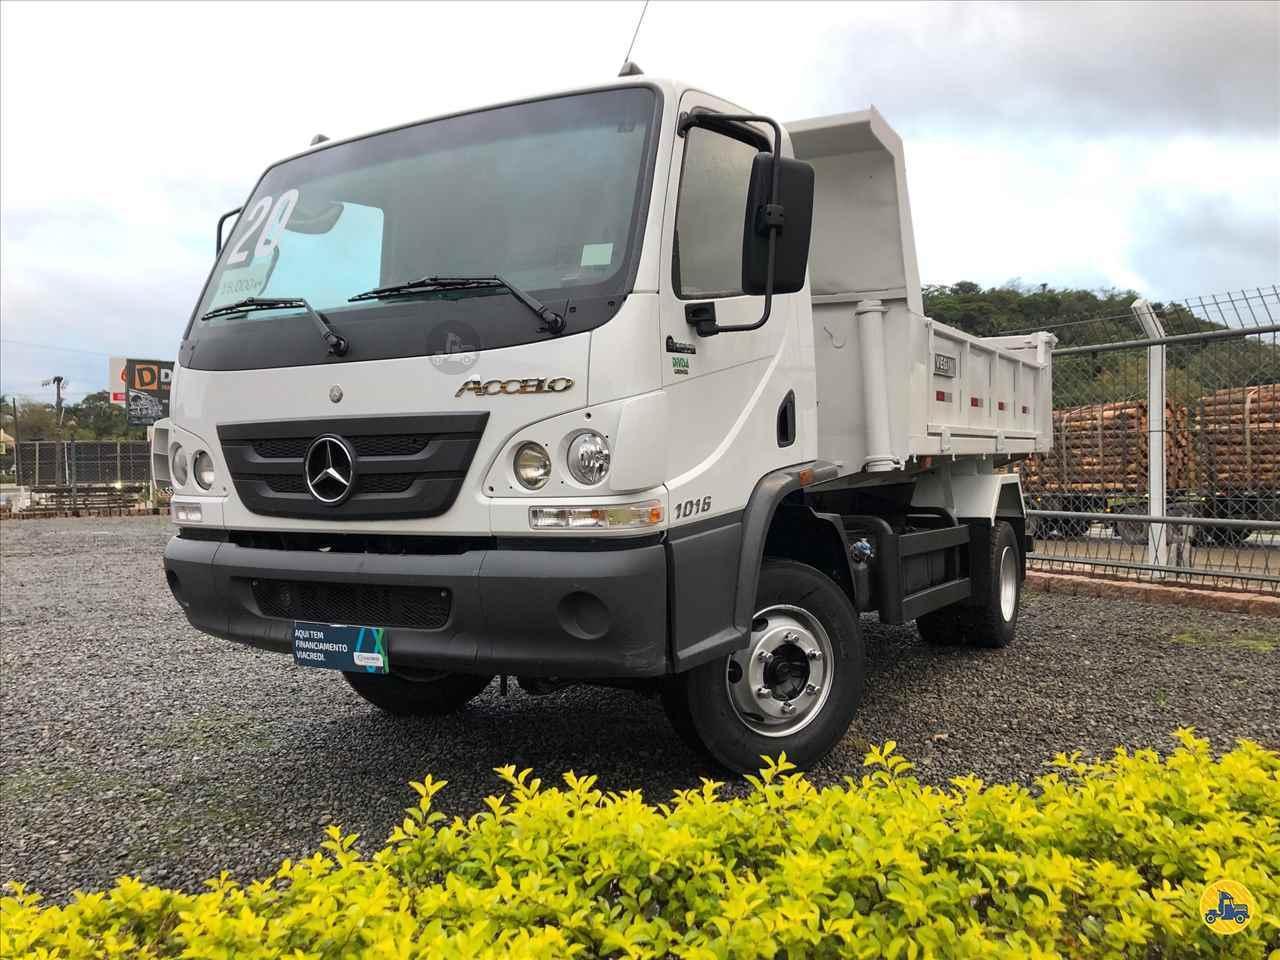 CAMINHAO MERCEDES-BENZ MB 1016 Caçamba Basculante 3/4 4x2 Divisa Caminhões INDAIAL SANTA CATARINA SC